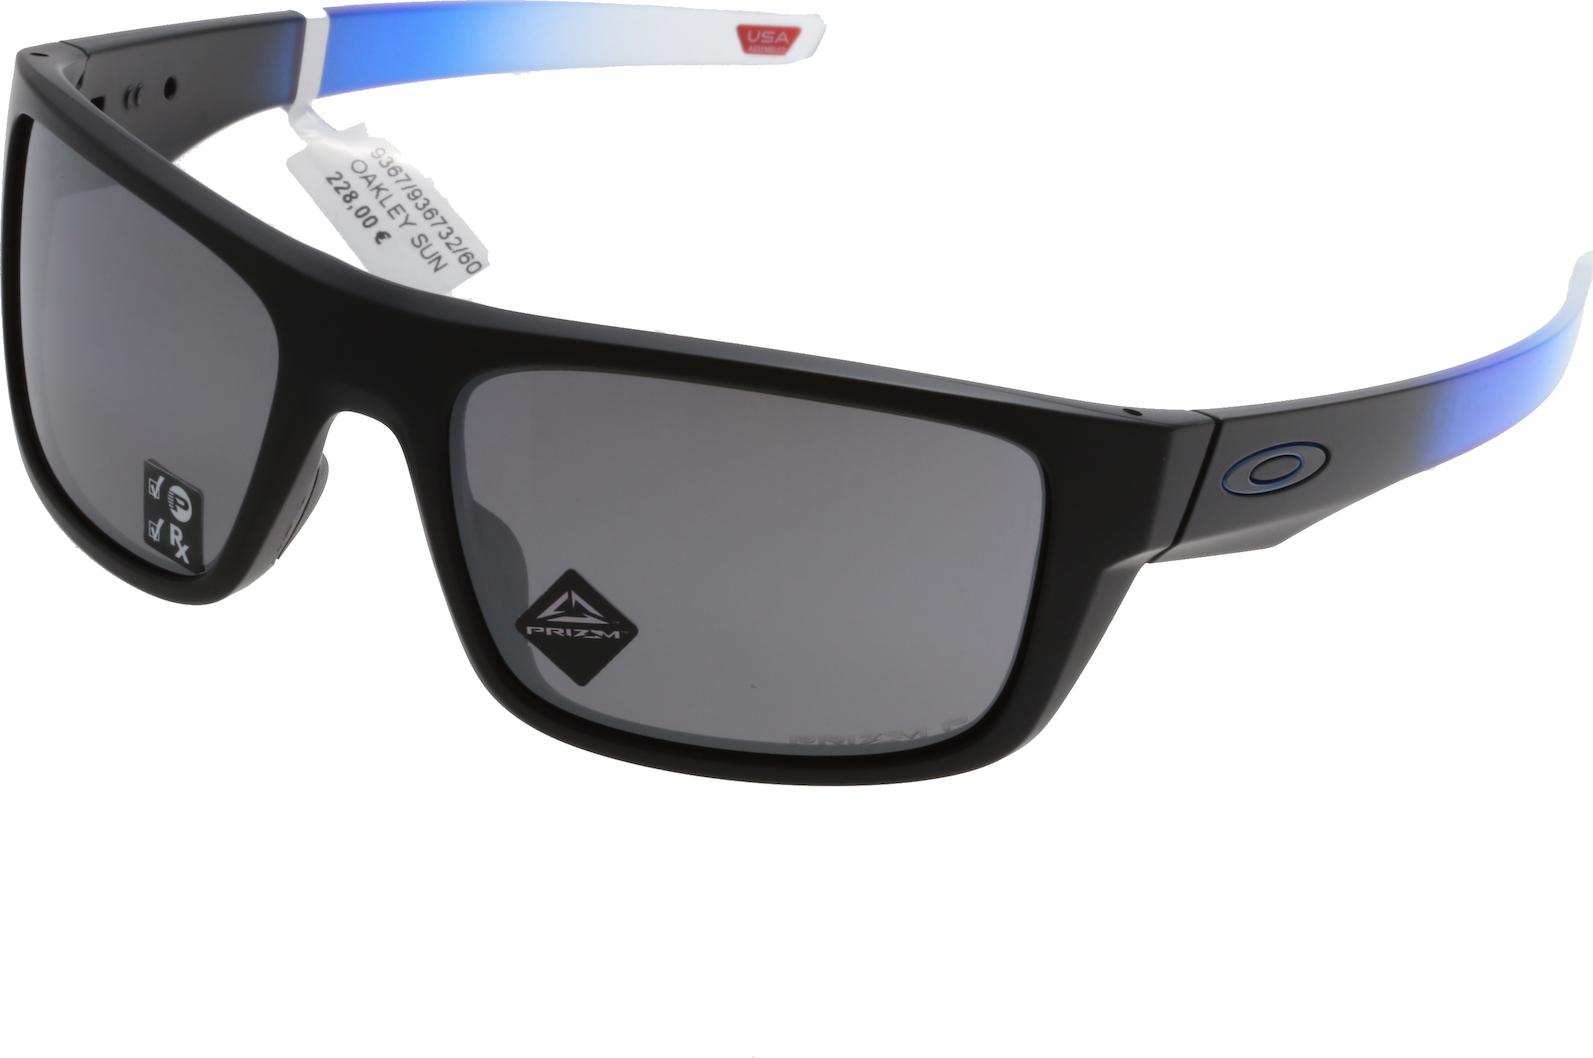 Γυαλιά Ηλίου Oakley Drop Point Ignite Fade Collection OO9367-32 Ignite Blue Fade